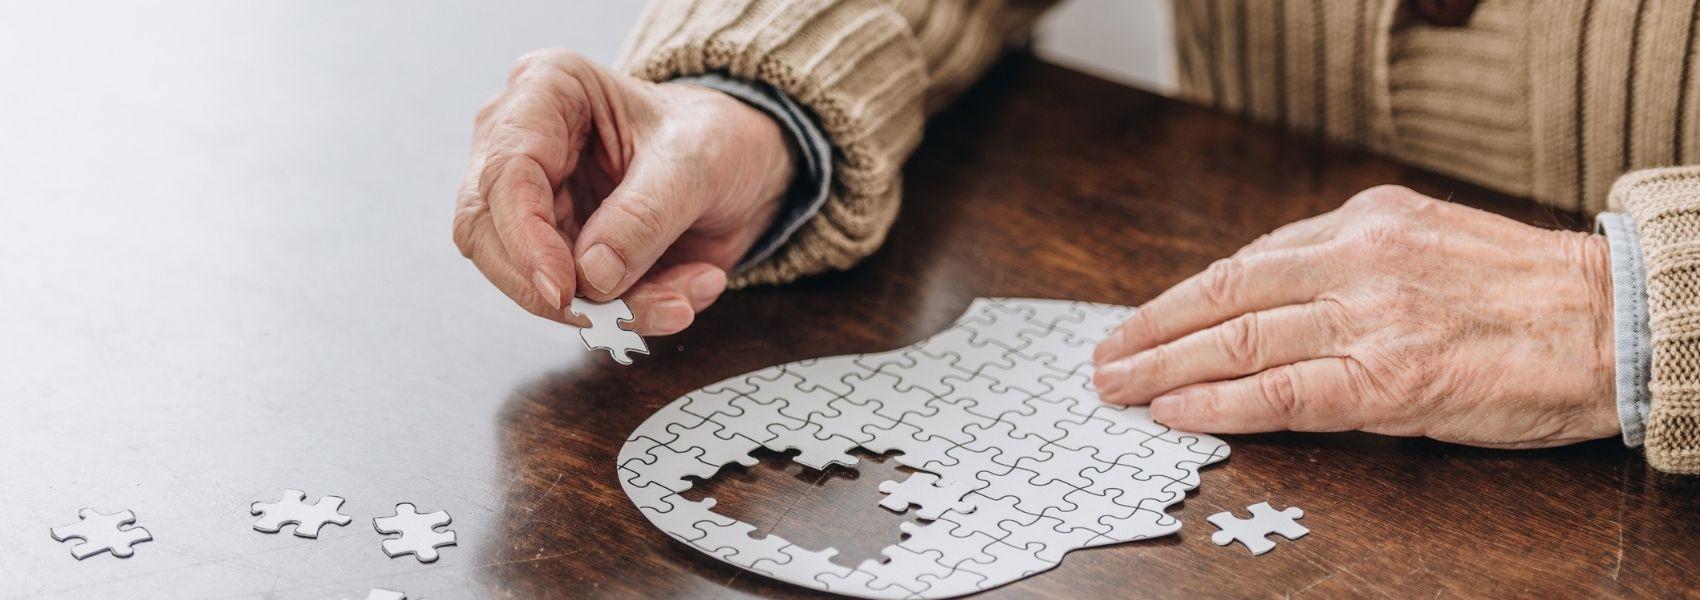 Estudo revela os sintomas de Parkinson que os doentes mais desejam ver melhorados